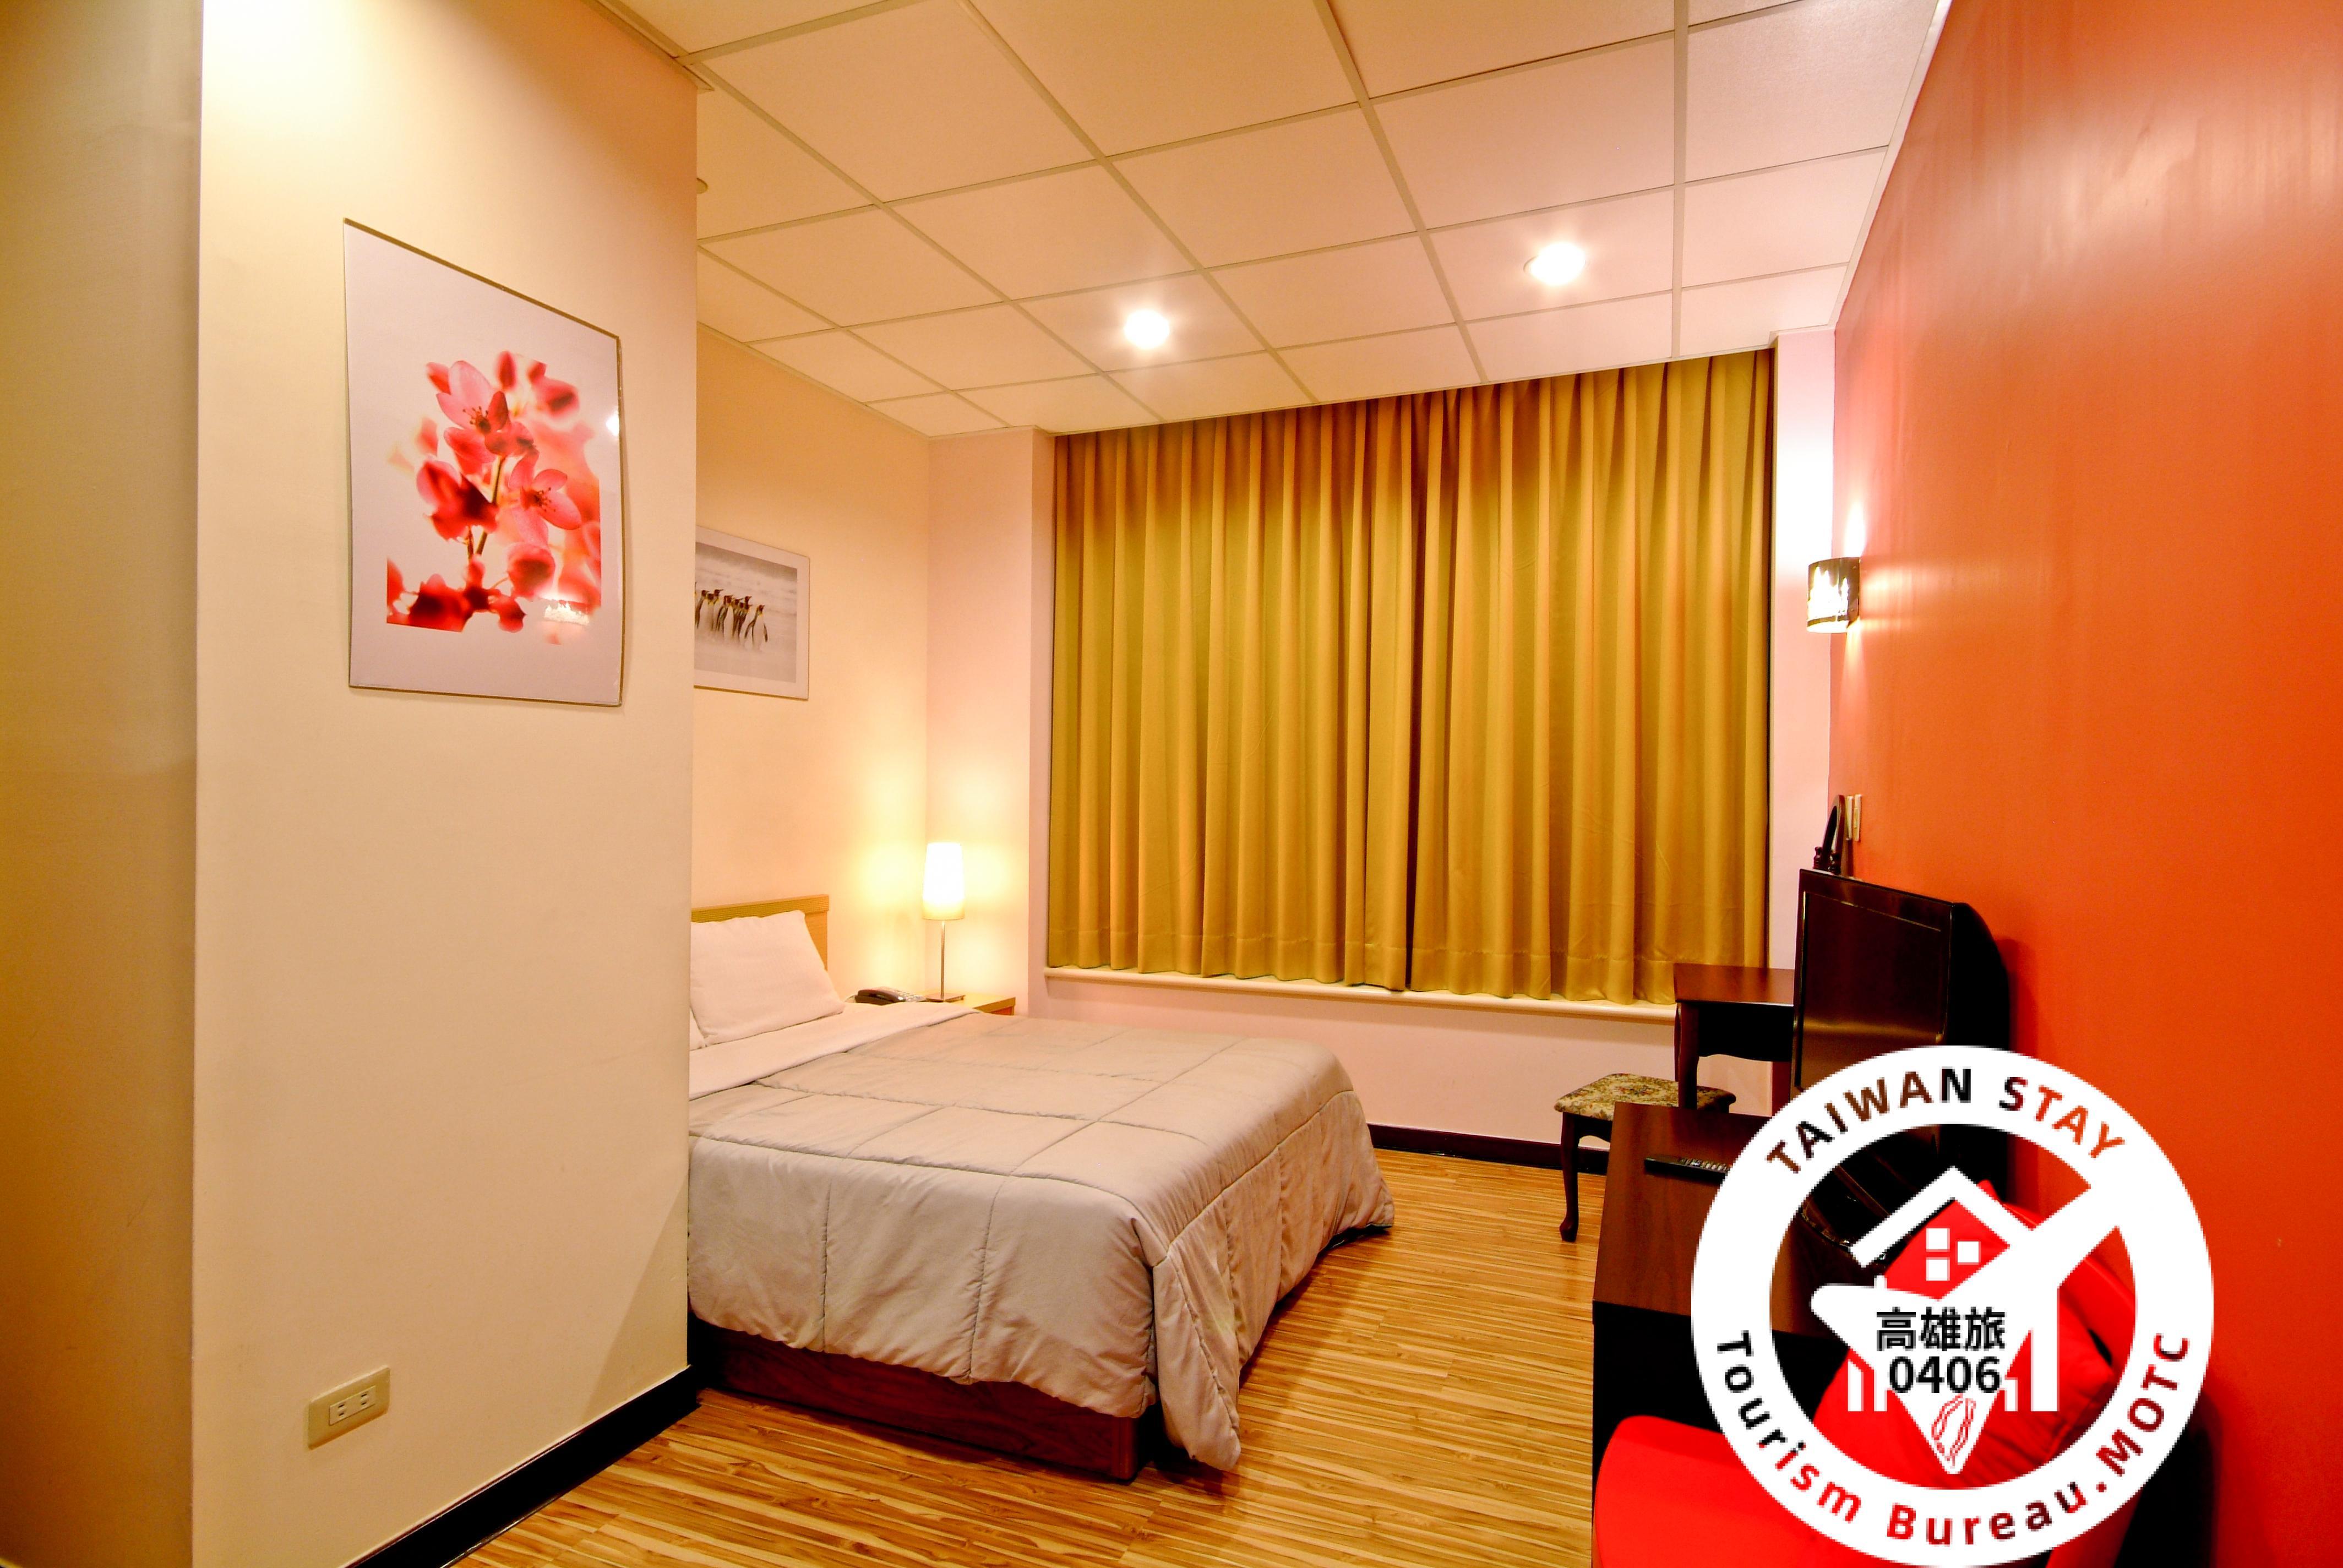 精緻商務單床房照片_1